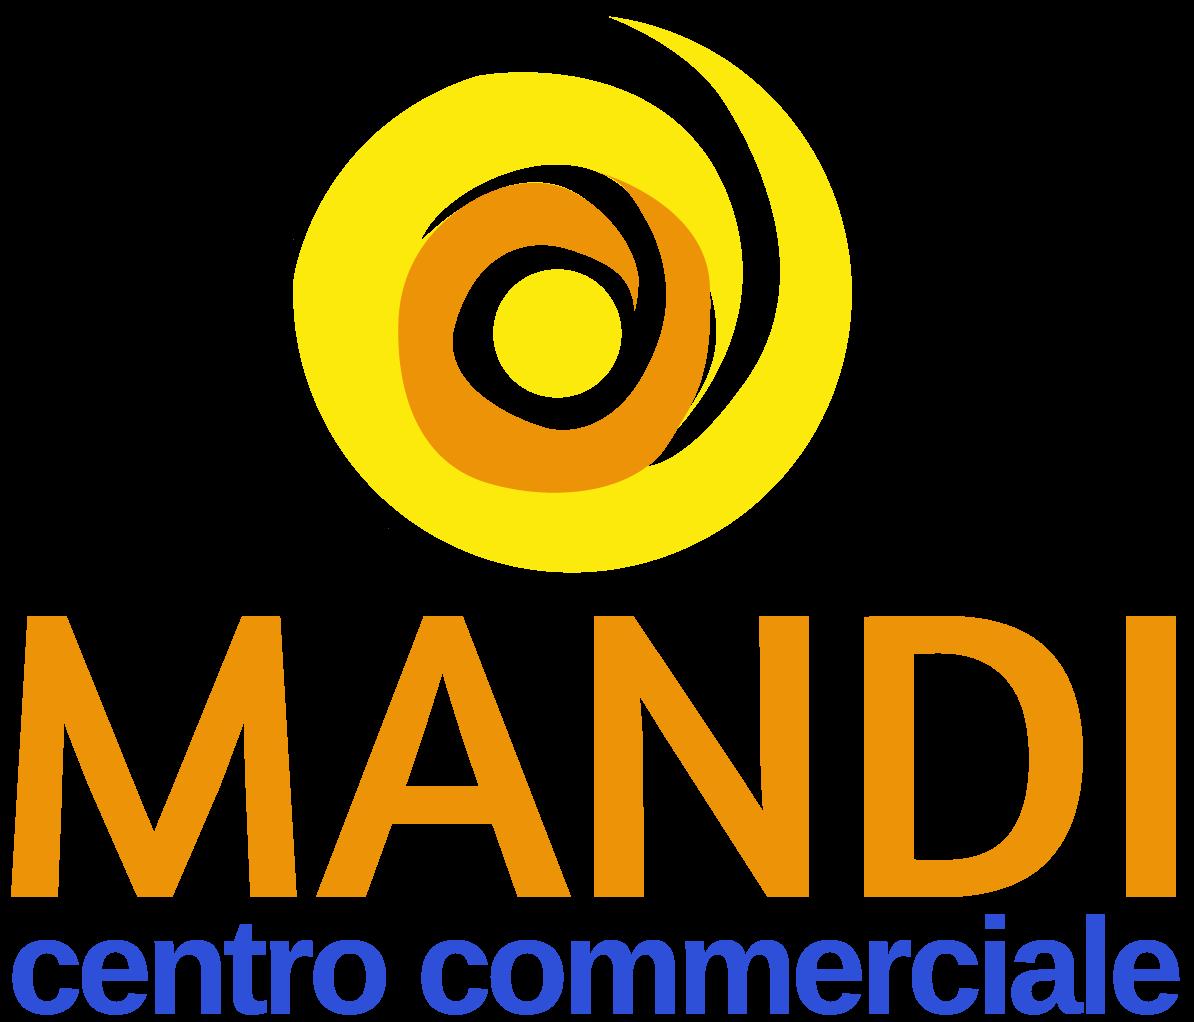 Centro commerciale mandi svicom srl for Mandi arredamenti catalogo afragola